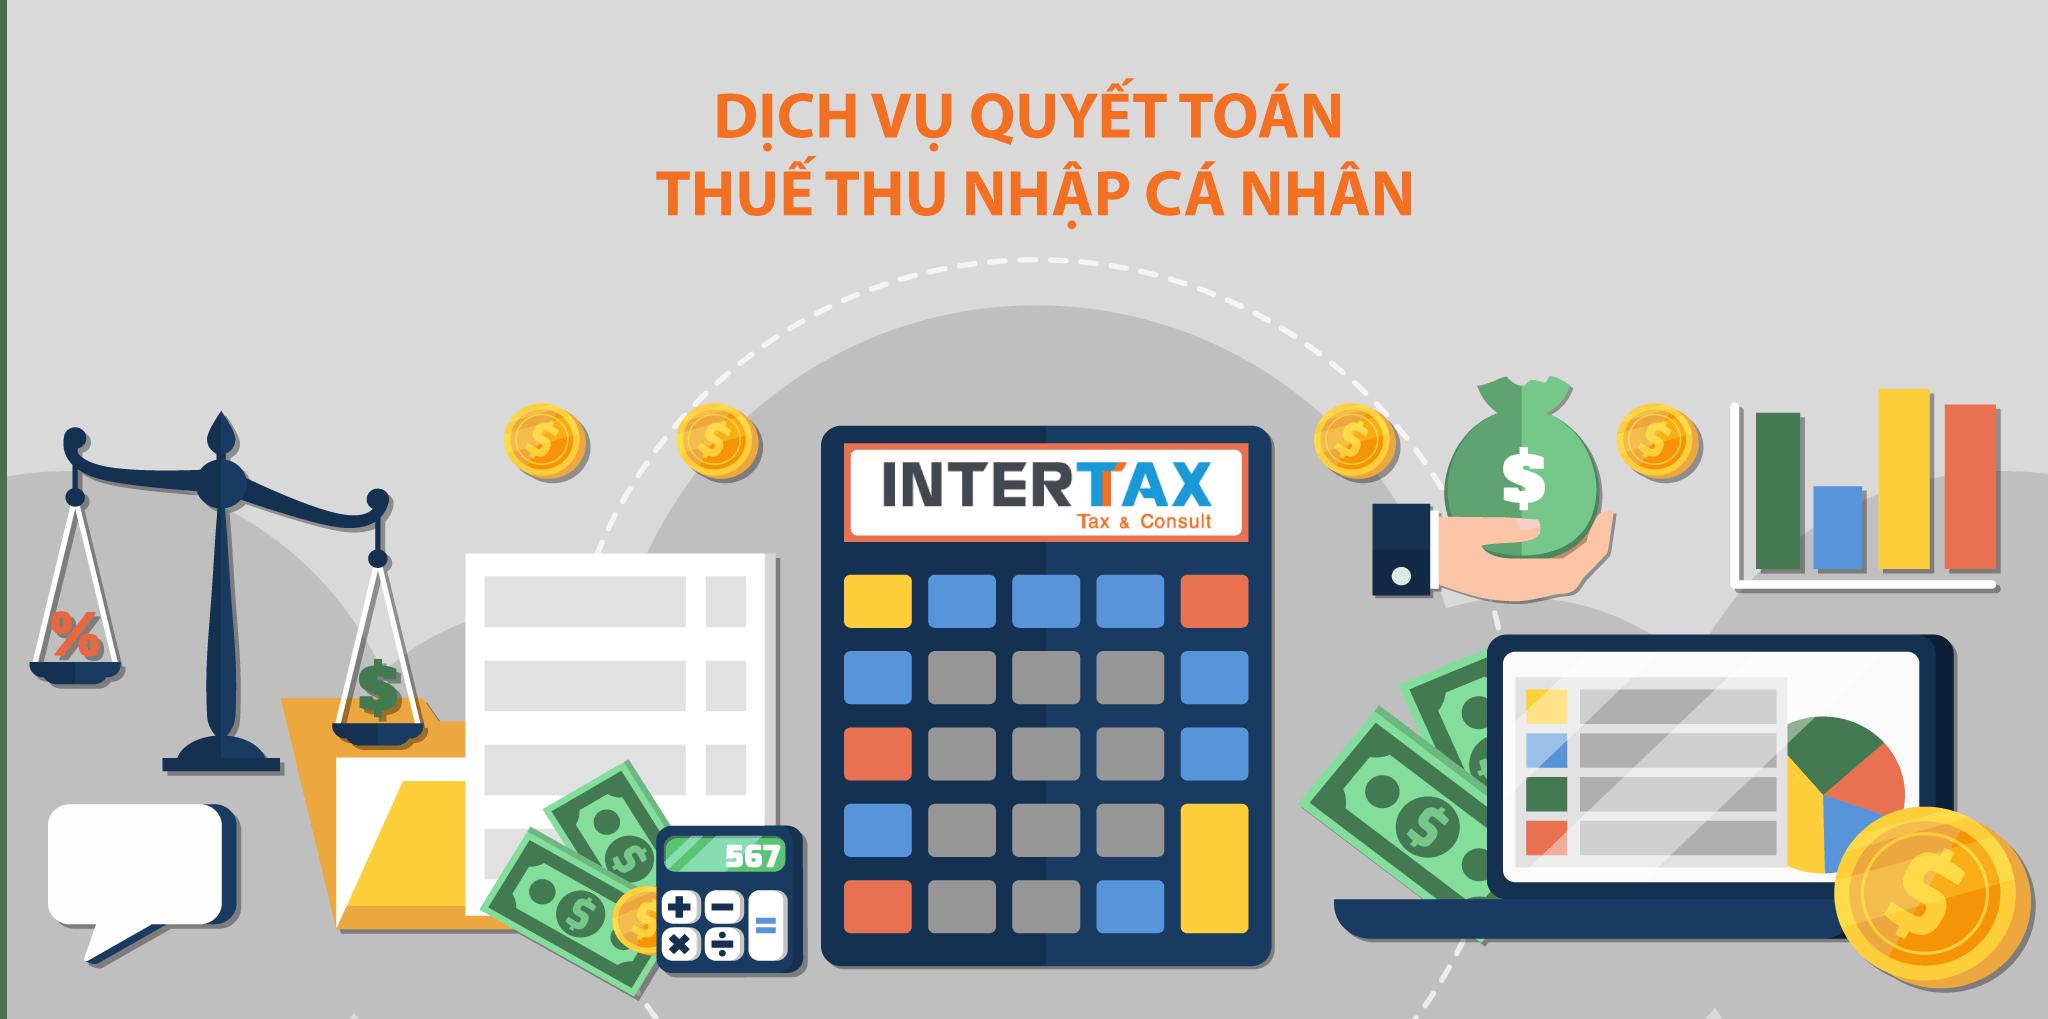 23 câu hỏi về quyết toán thuế thu nhập cá nhân năm 2018 10 - INTERTAX